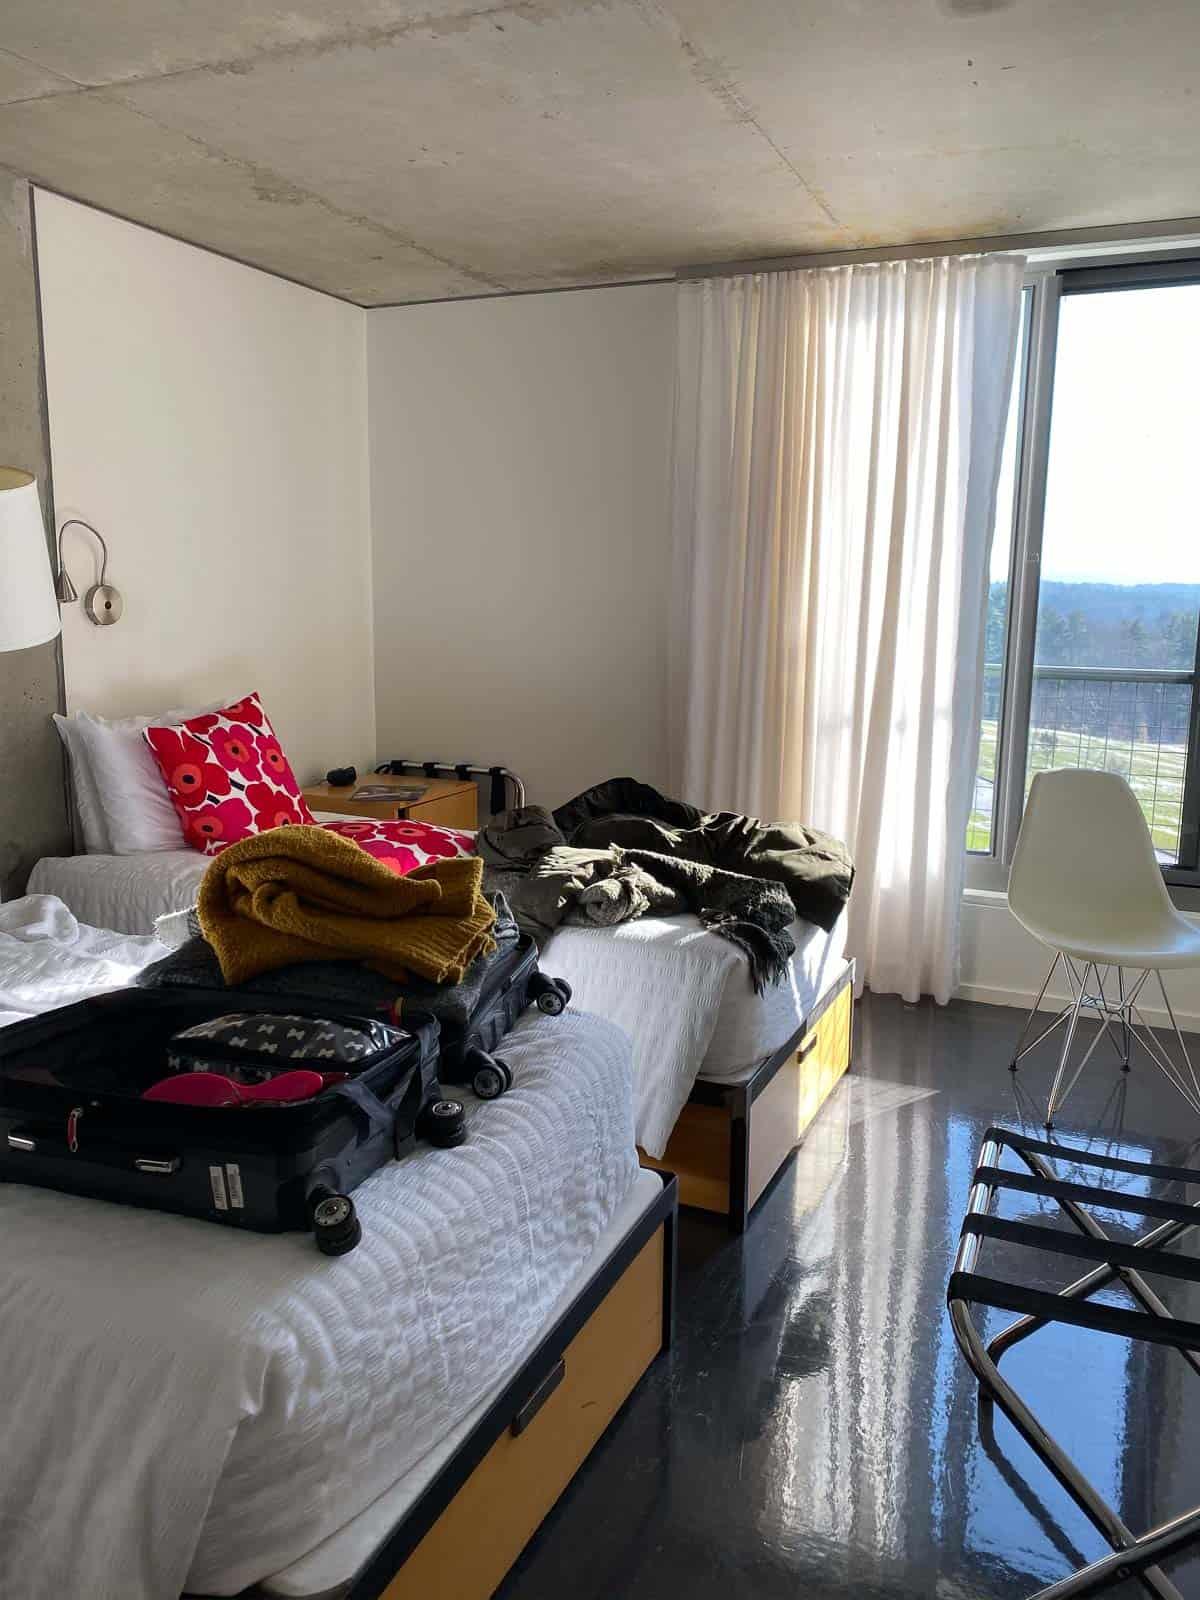 Kripalu lodging accommodations